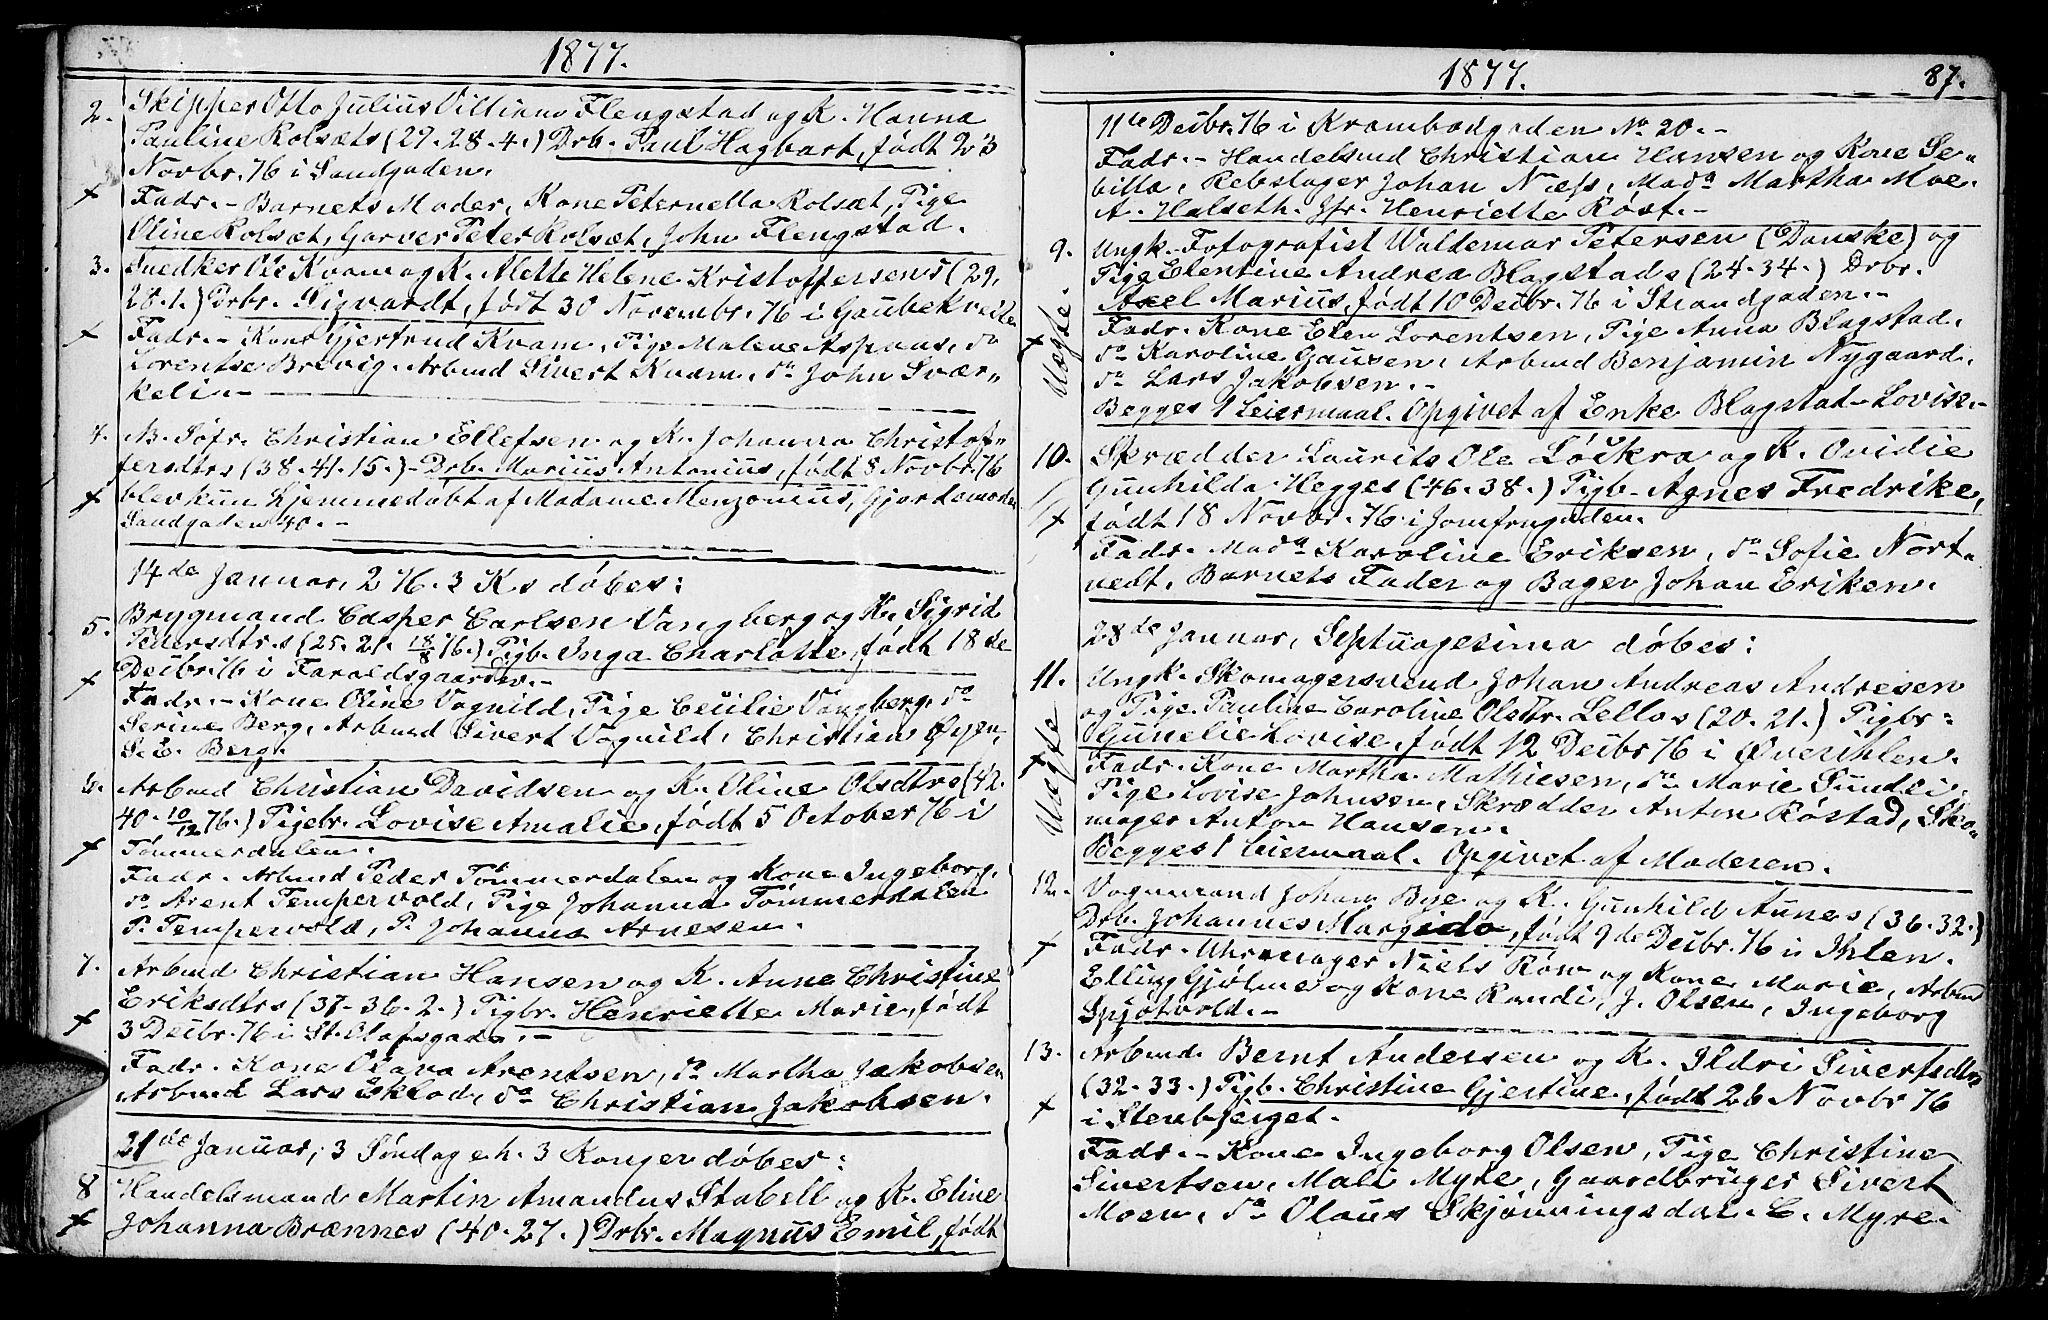 SAT, Ministerialprotokoller, klokkerbøker og fødselsregistre - Sør-Trøndelag, 602/L0142: Klokkerbok nr. 602C10, 1872-1894, s. 87